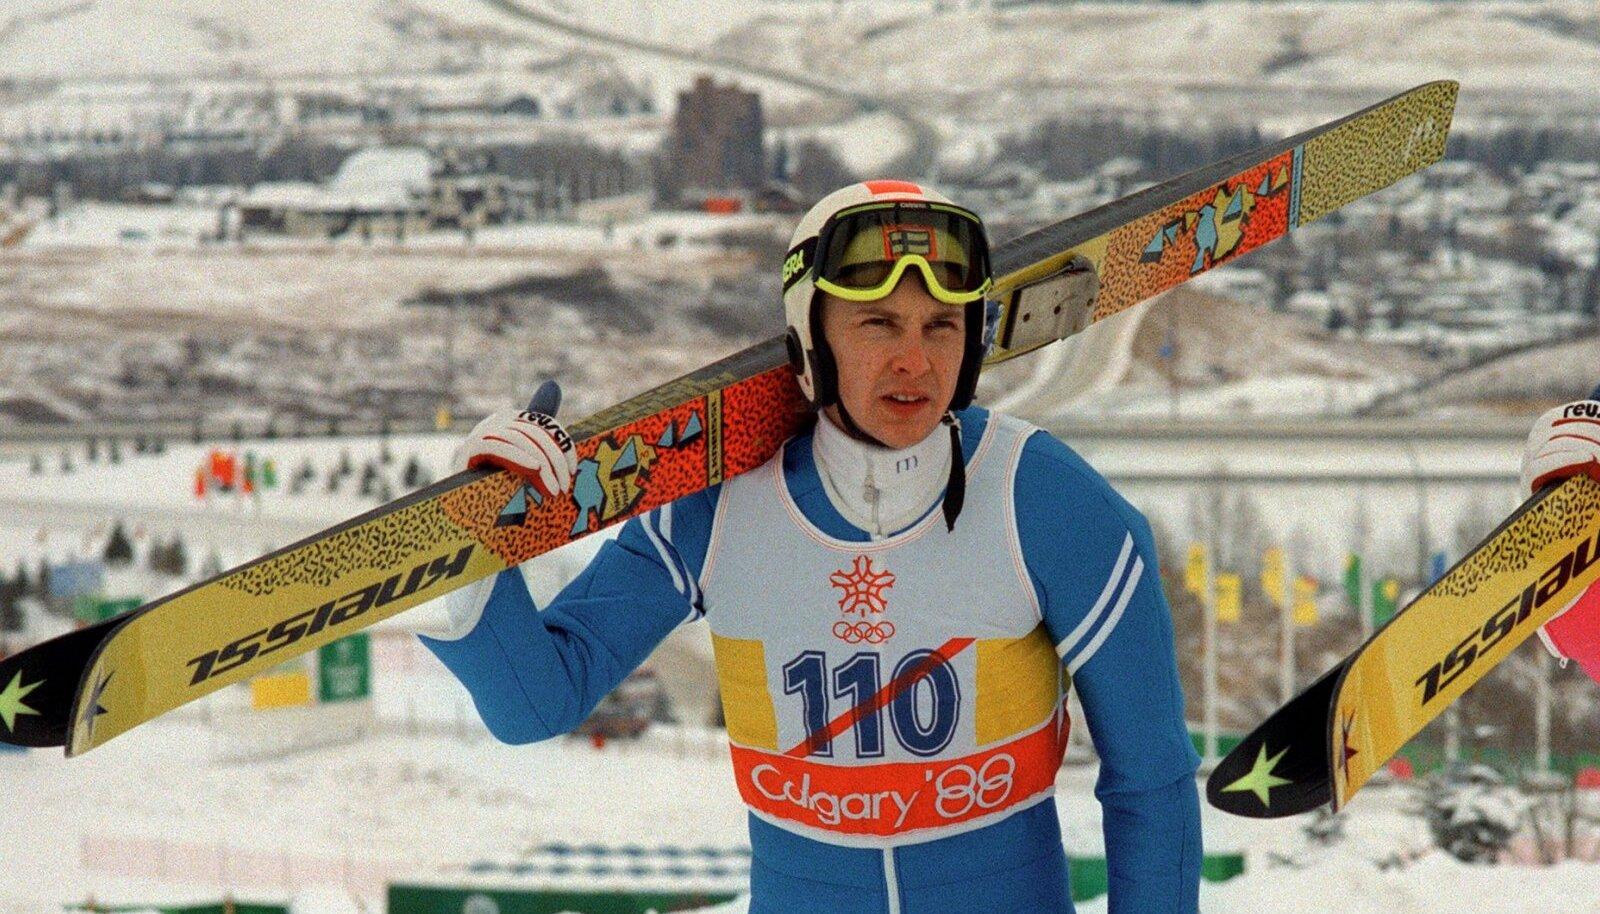 Matti Nykänen Calgary olümpial 1988